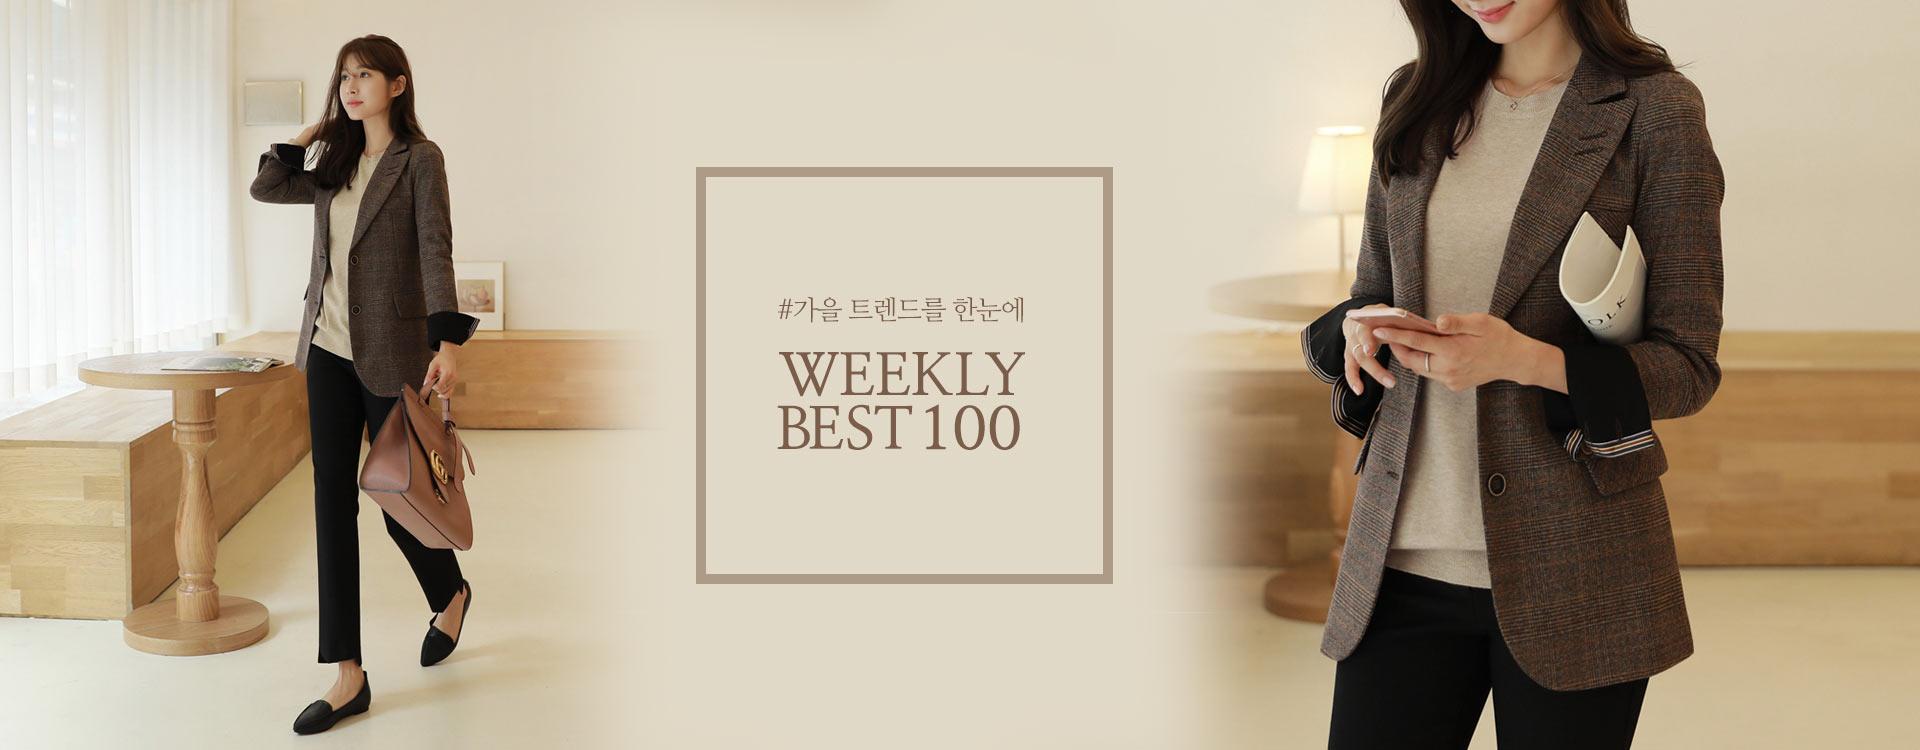 위클리베스트100